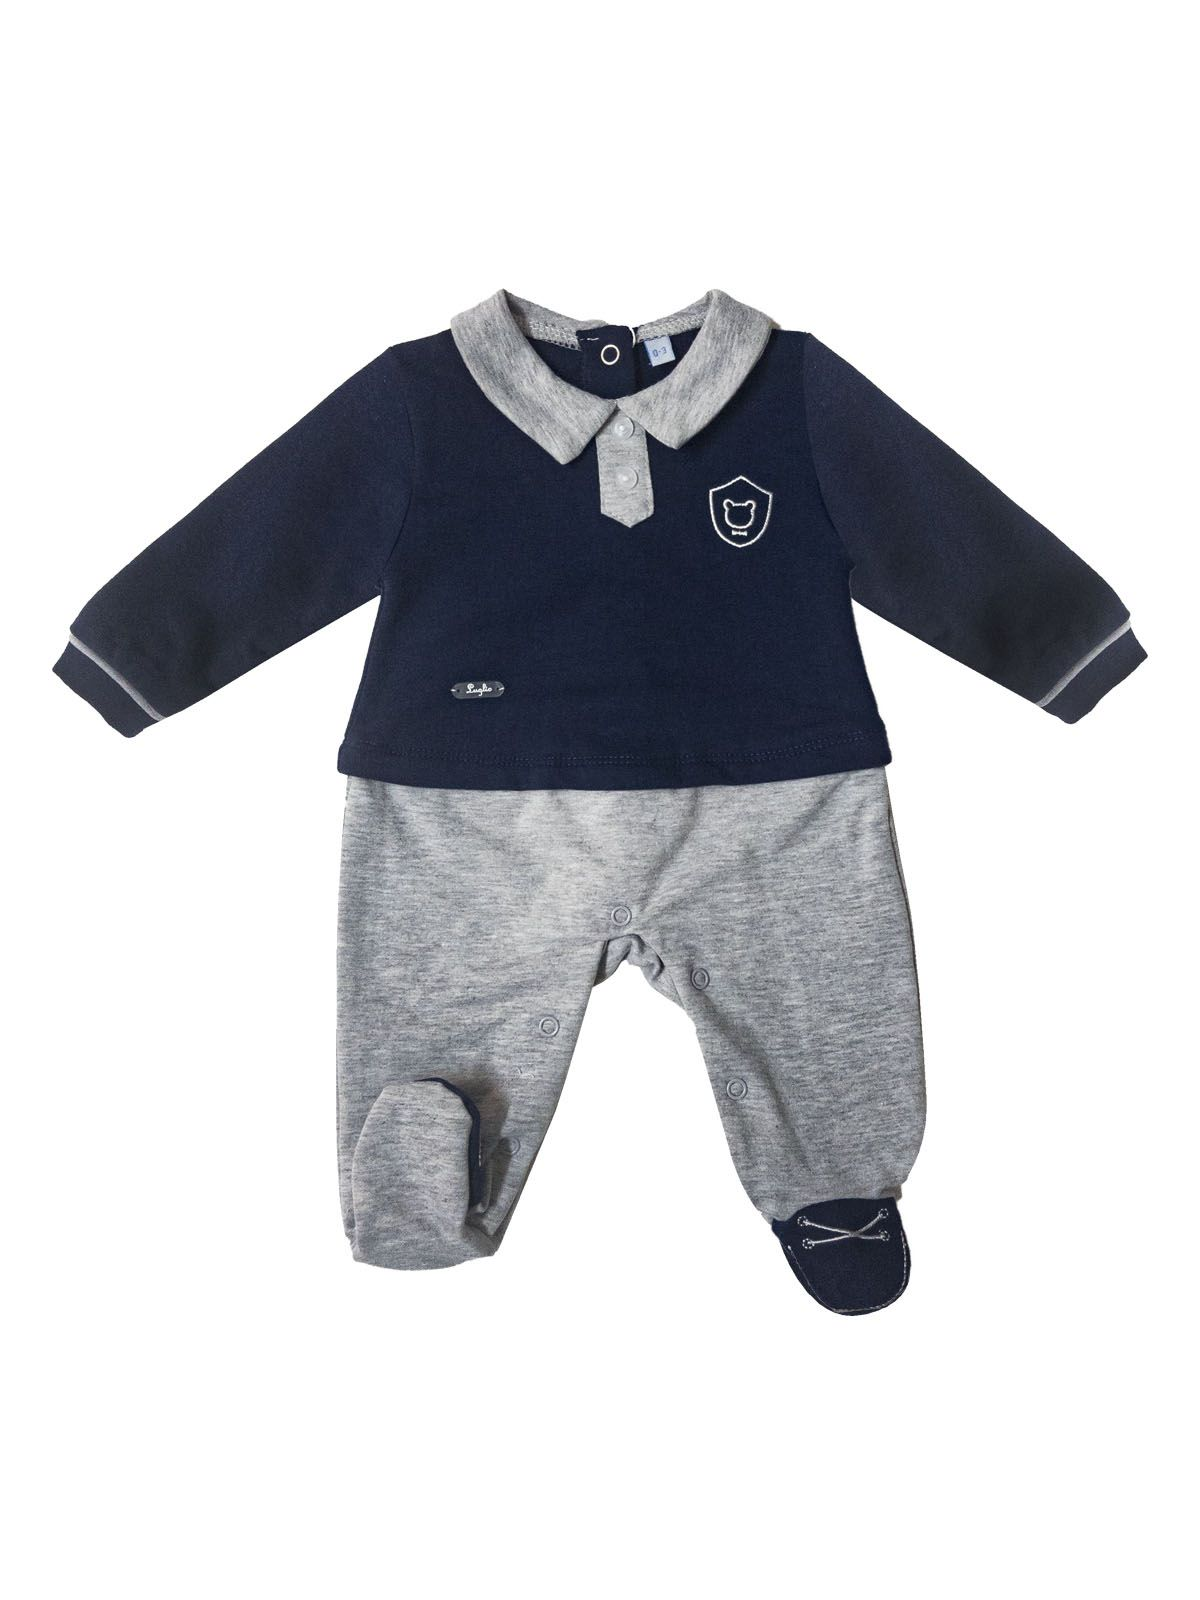 la migliore vendita rivenditore online alta moda Tutina per neonata blu in cotone felpato Luglio | Spio Kids